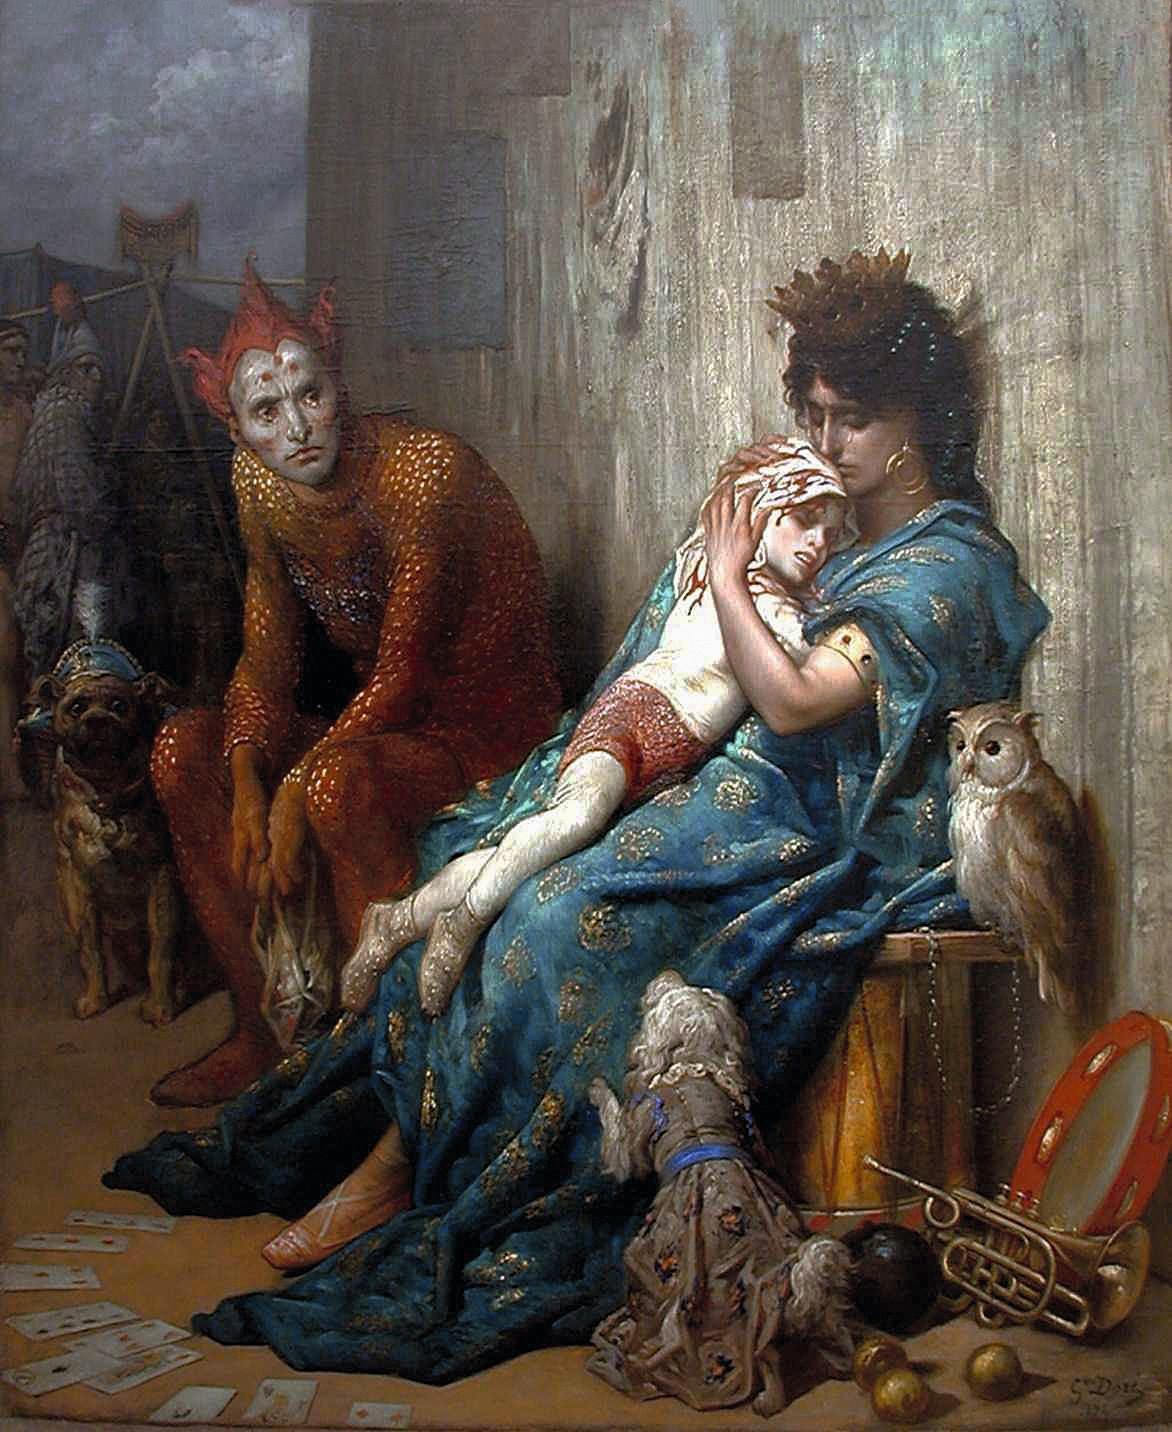 Gustave Doré, Les Saltimbanques, 1874, huile sur toile, musée d'art Roger Quilliot, Clermont-Ferrand.